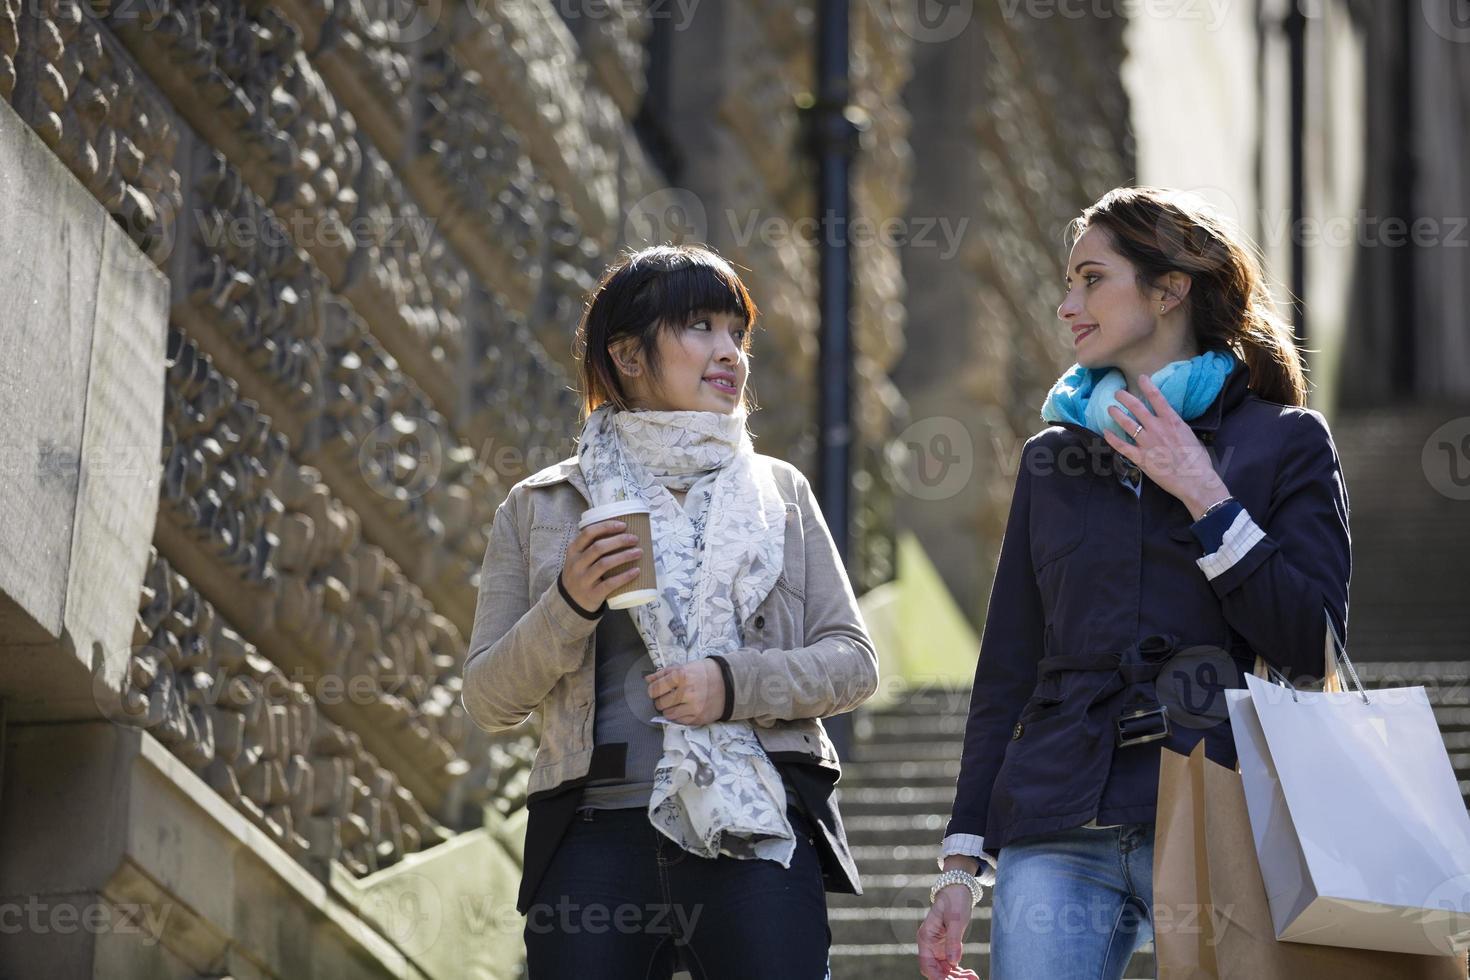 deux femmes heureuses, faire du shopping ensemble, s'amuser et rire photo